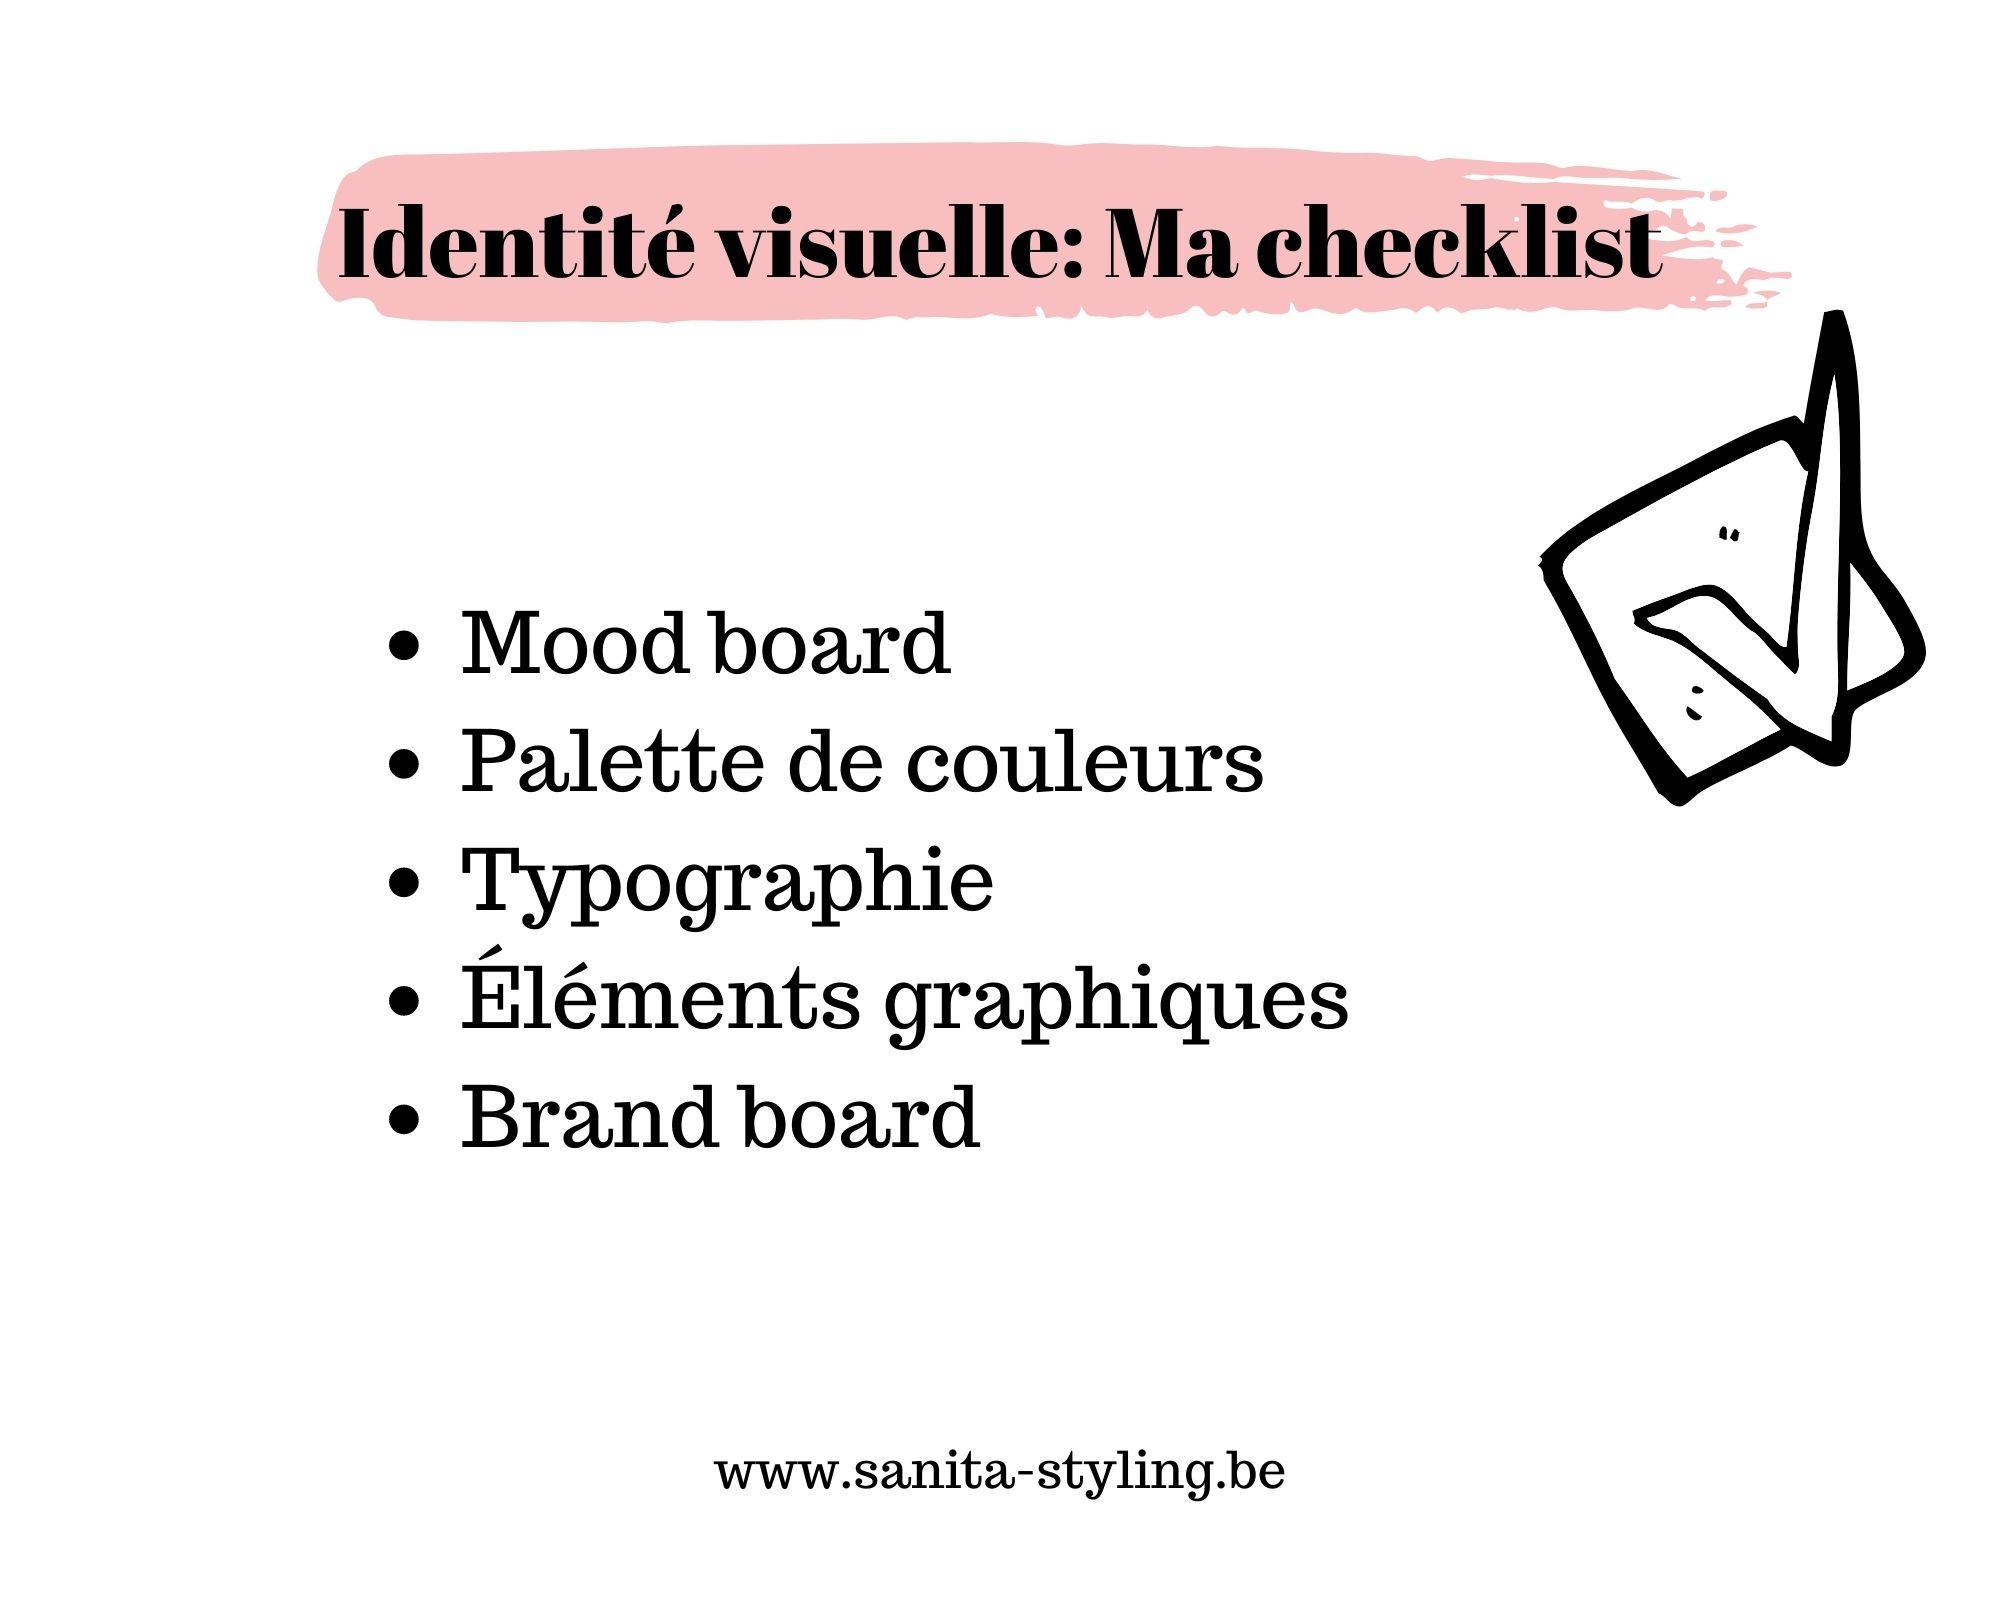 identité visuelle checklist des étapes - sanita styling